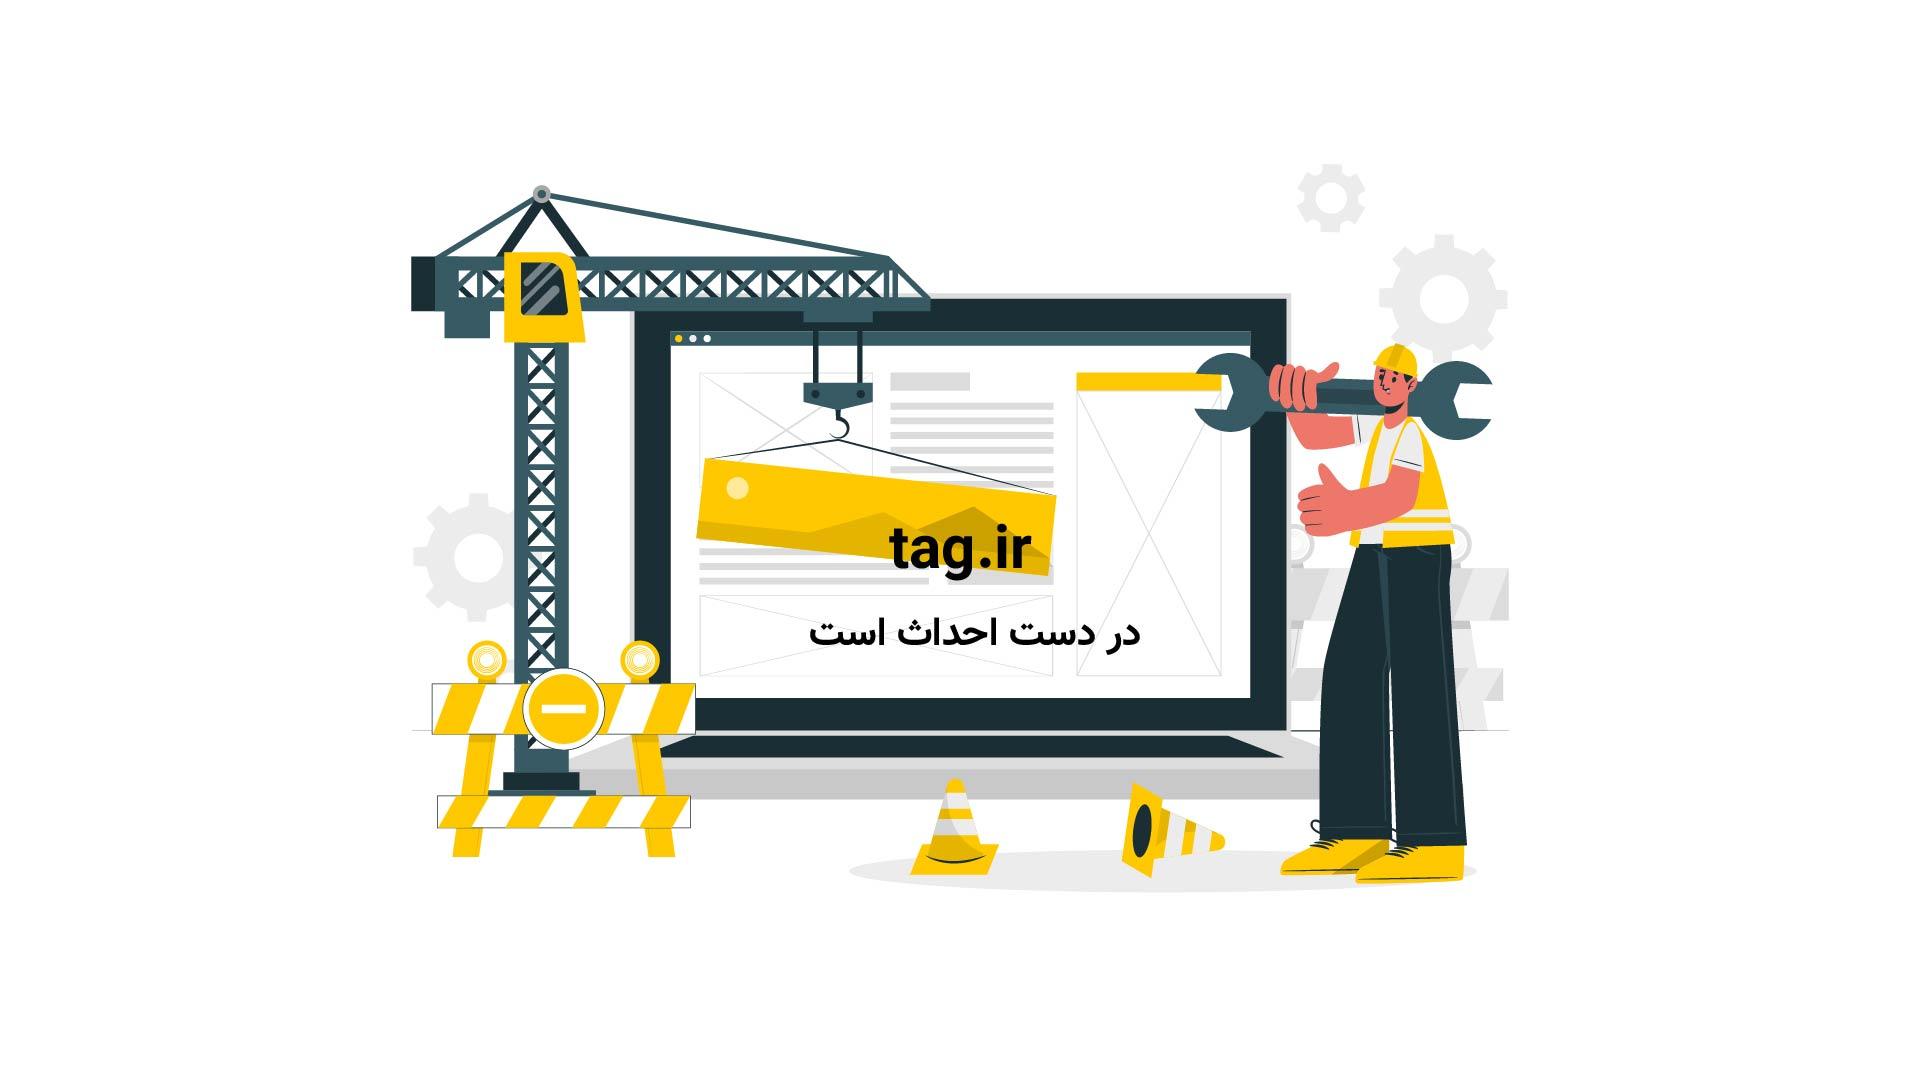 دیوار حائل اسرائیل در سوریه